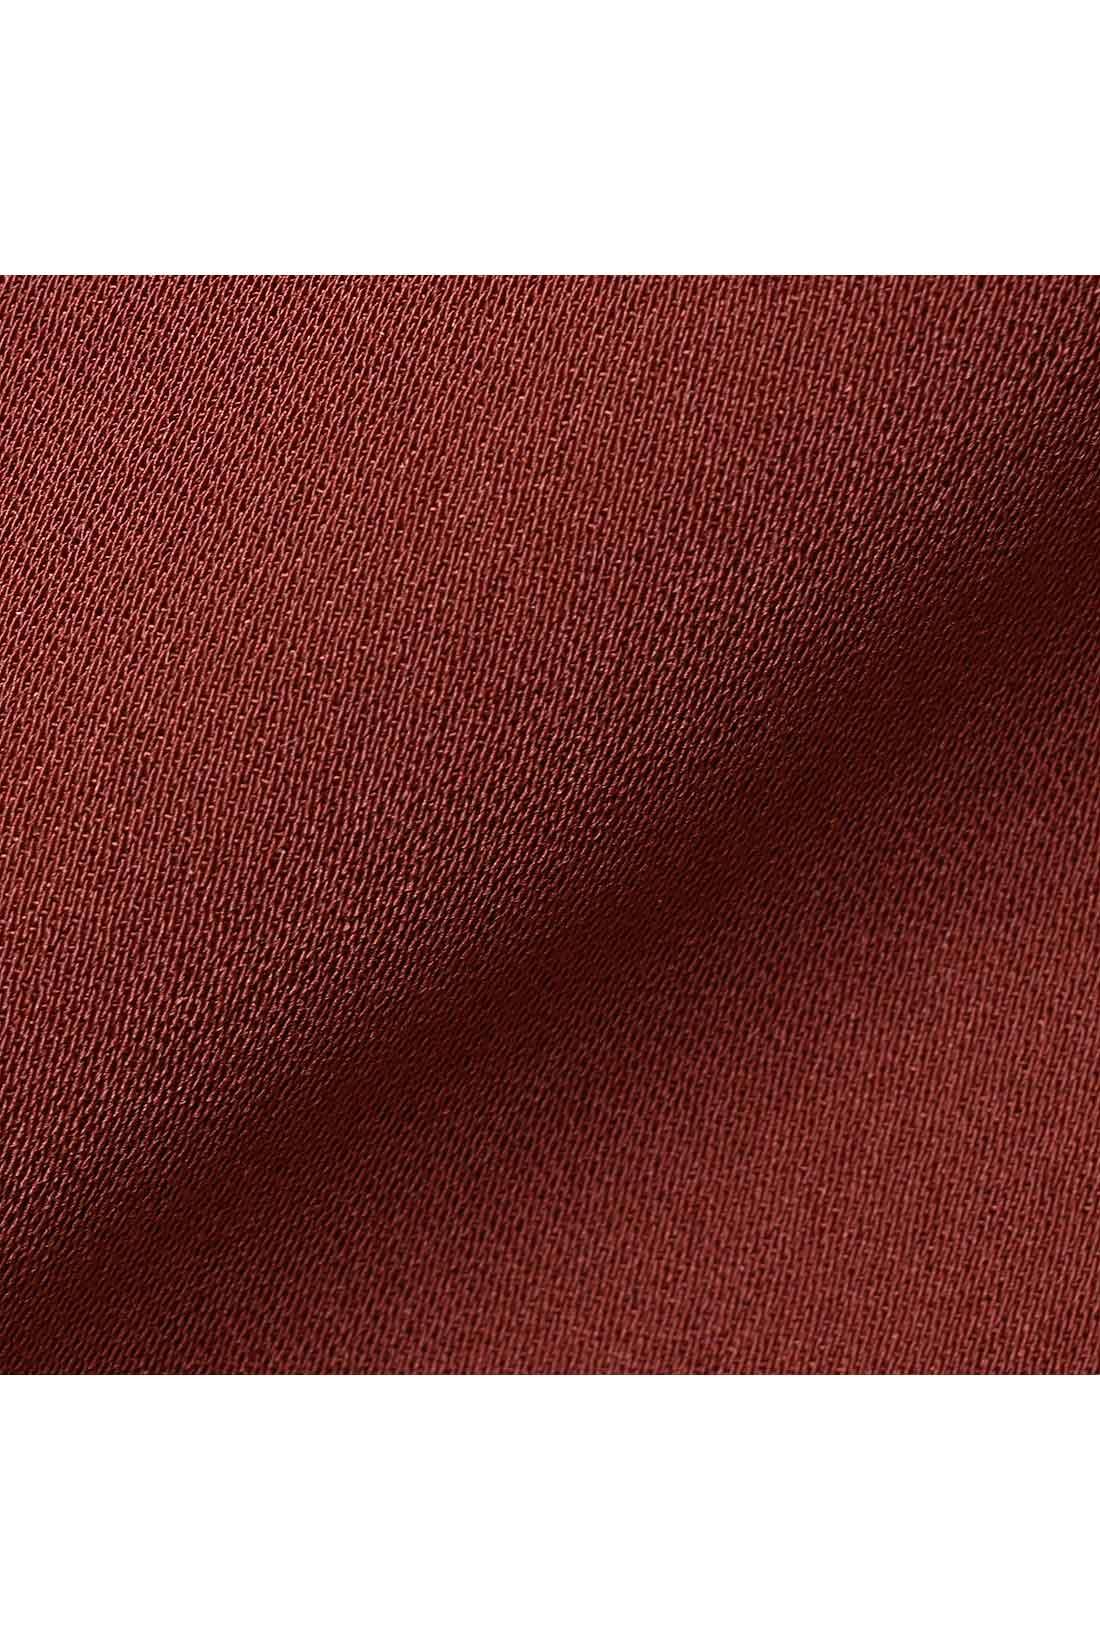 さらりと涼しい吸汗速乾素材 滑らかな表面感の吸汗速乾素材は、汗をかいてもさらりと涼しいはき心地をキープ。上品な落ち感のある布はく素材で、オンスタイルにも活躍必至です。